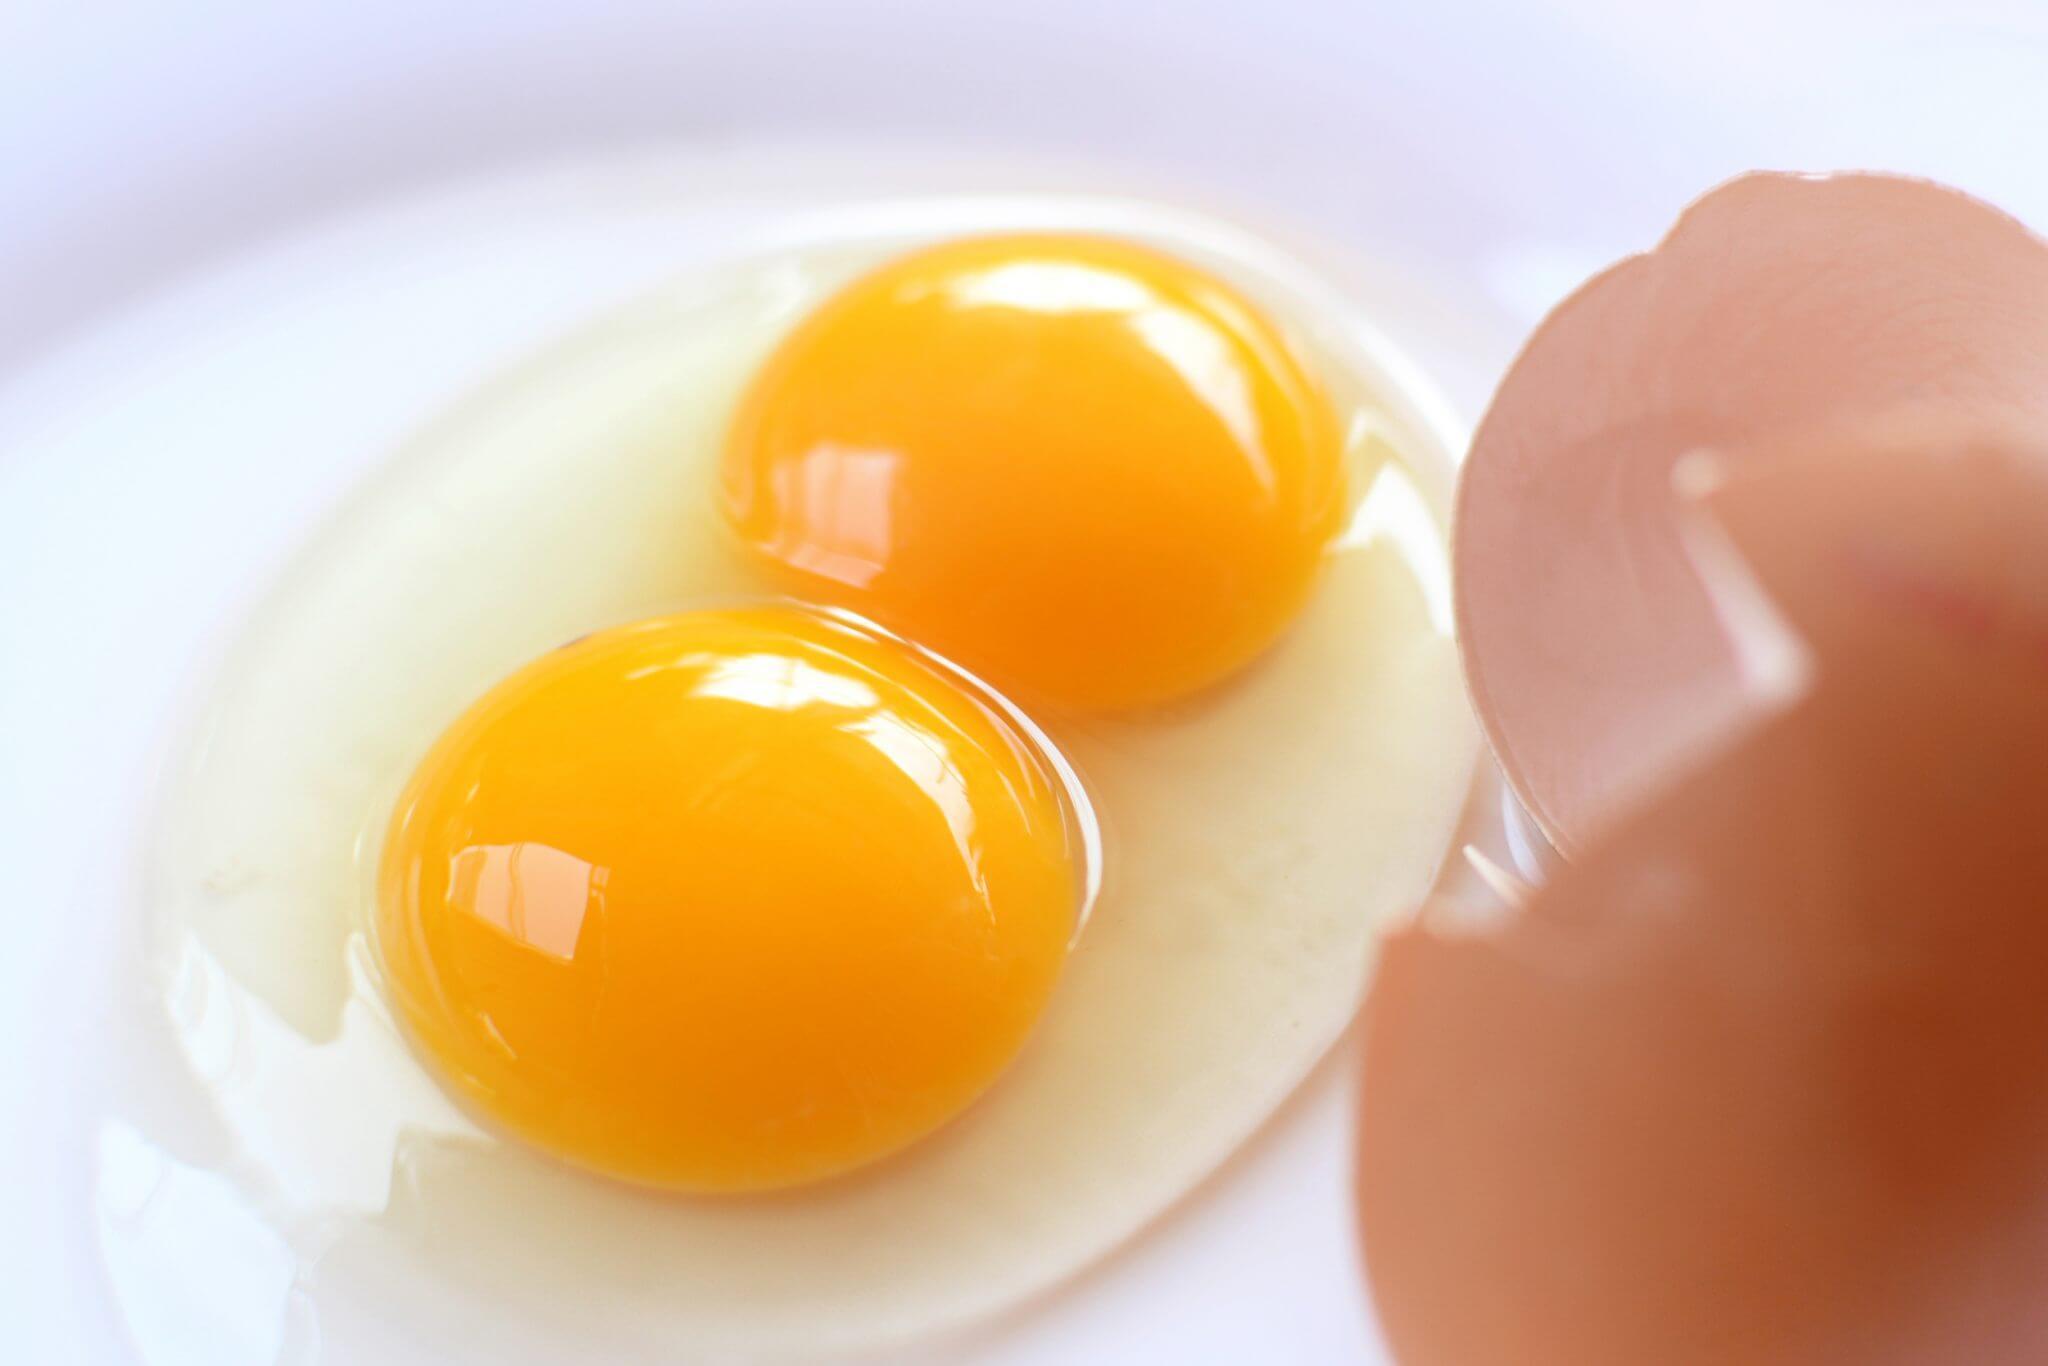 Lòng trắng trứng là nguyên liệu rất kỳ diệu để ngăn ngừa và điều trị mụn đầu đen